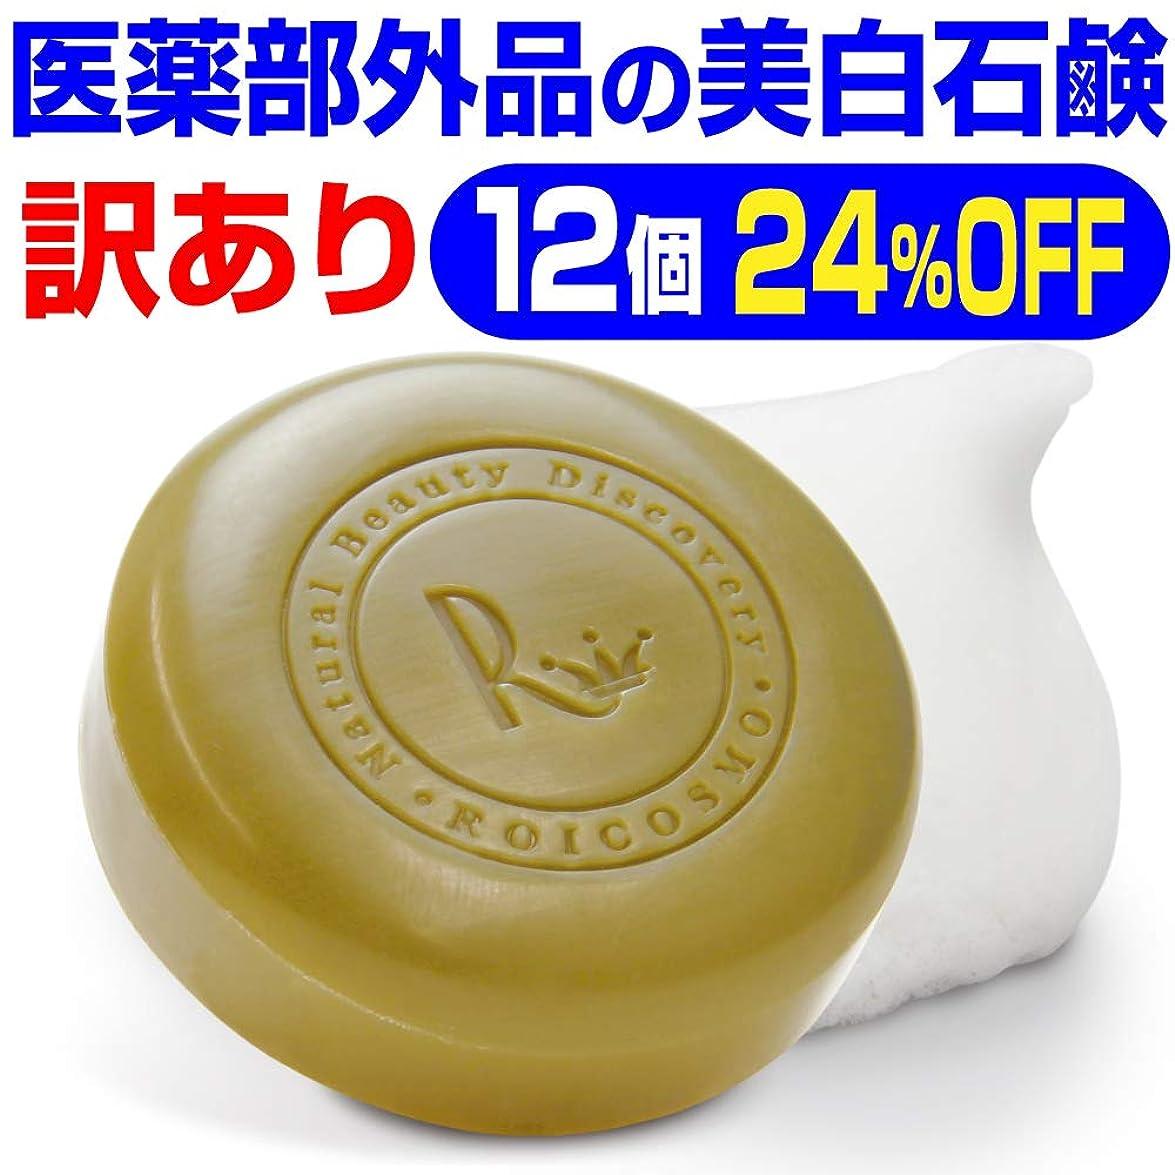 単なる遅らせる非アクティブ訳あり24%OFF(1個2,036円)売切れ御免 ビタミンC270倍の美白成分の 洗顔石鹸『ホワイトソープ100g×12個』